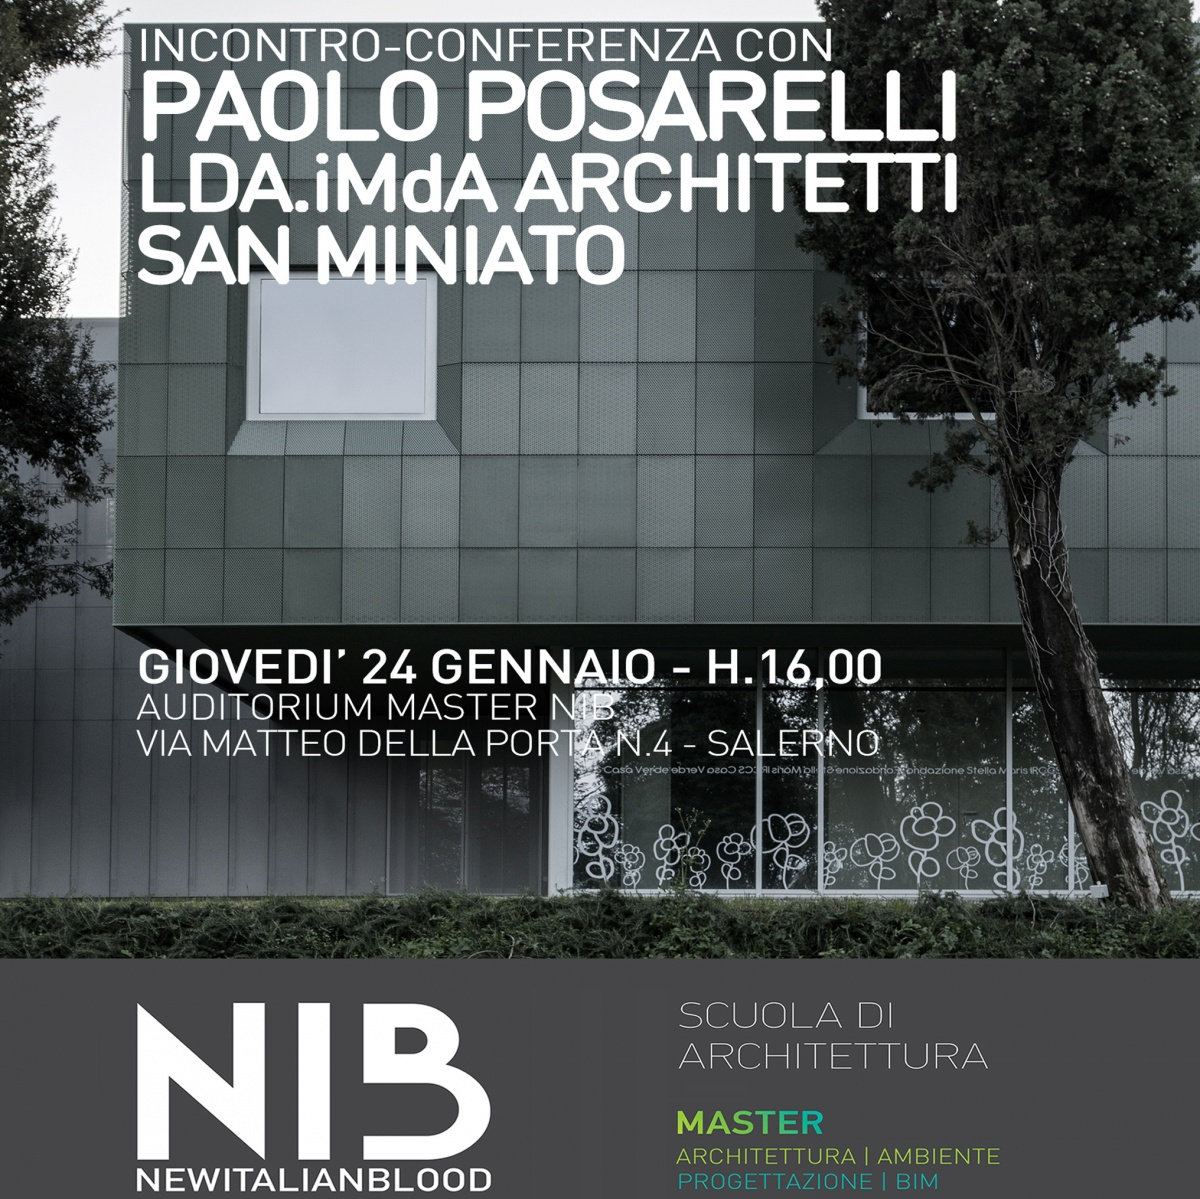 ldaimda invitati lecture conferenza salerno nib master new italian blood relatore paolo posarelli per lezione architettura